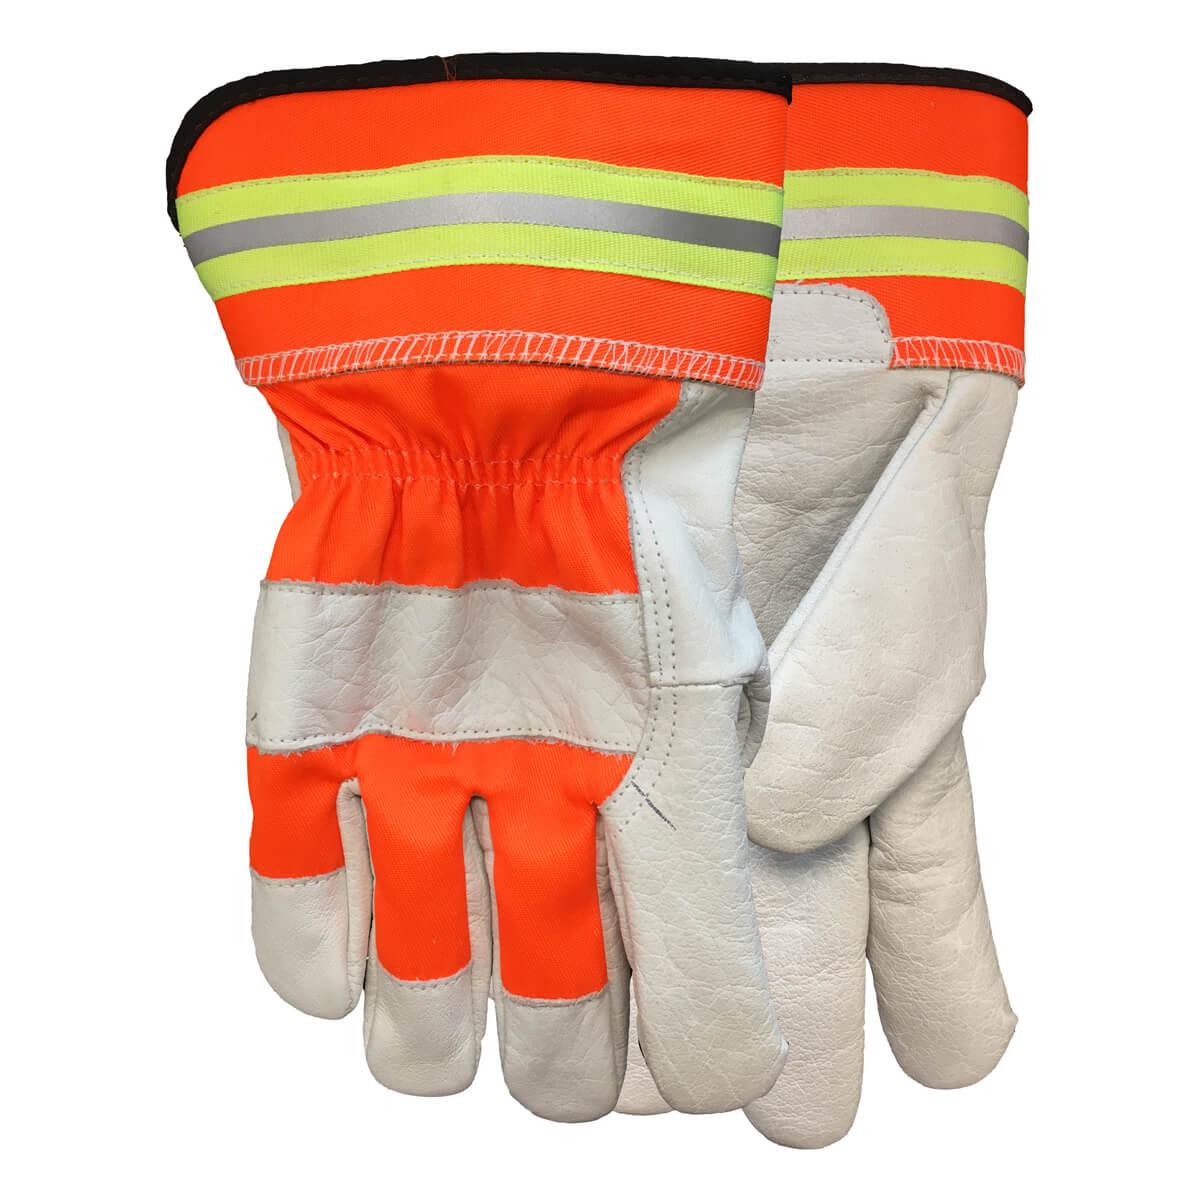 Flashback Gloves - L